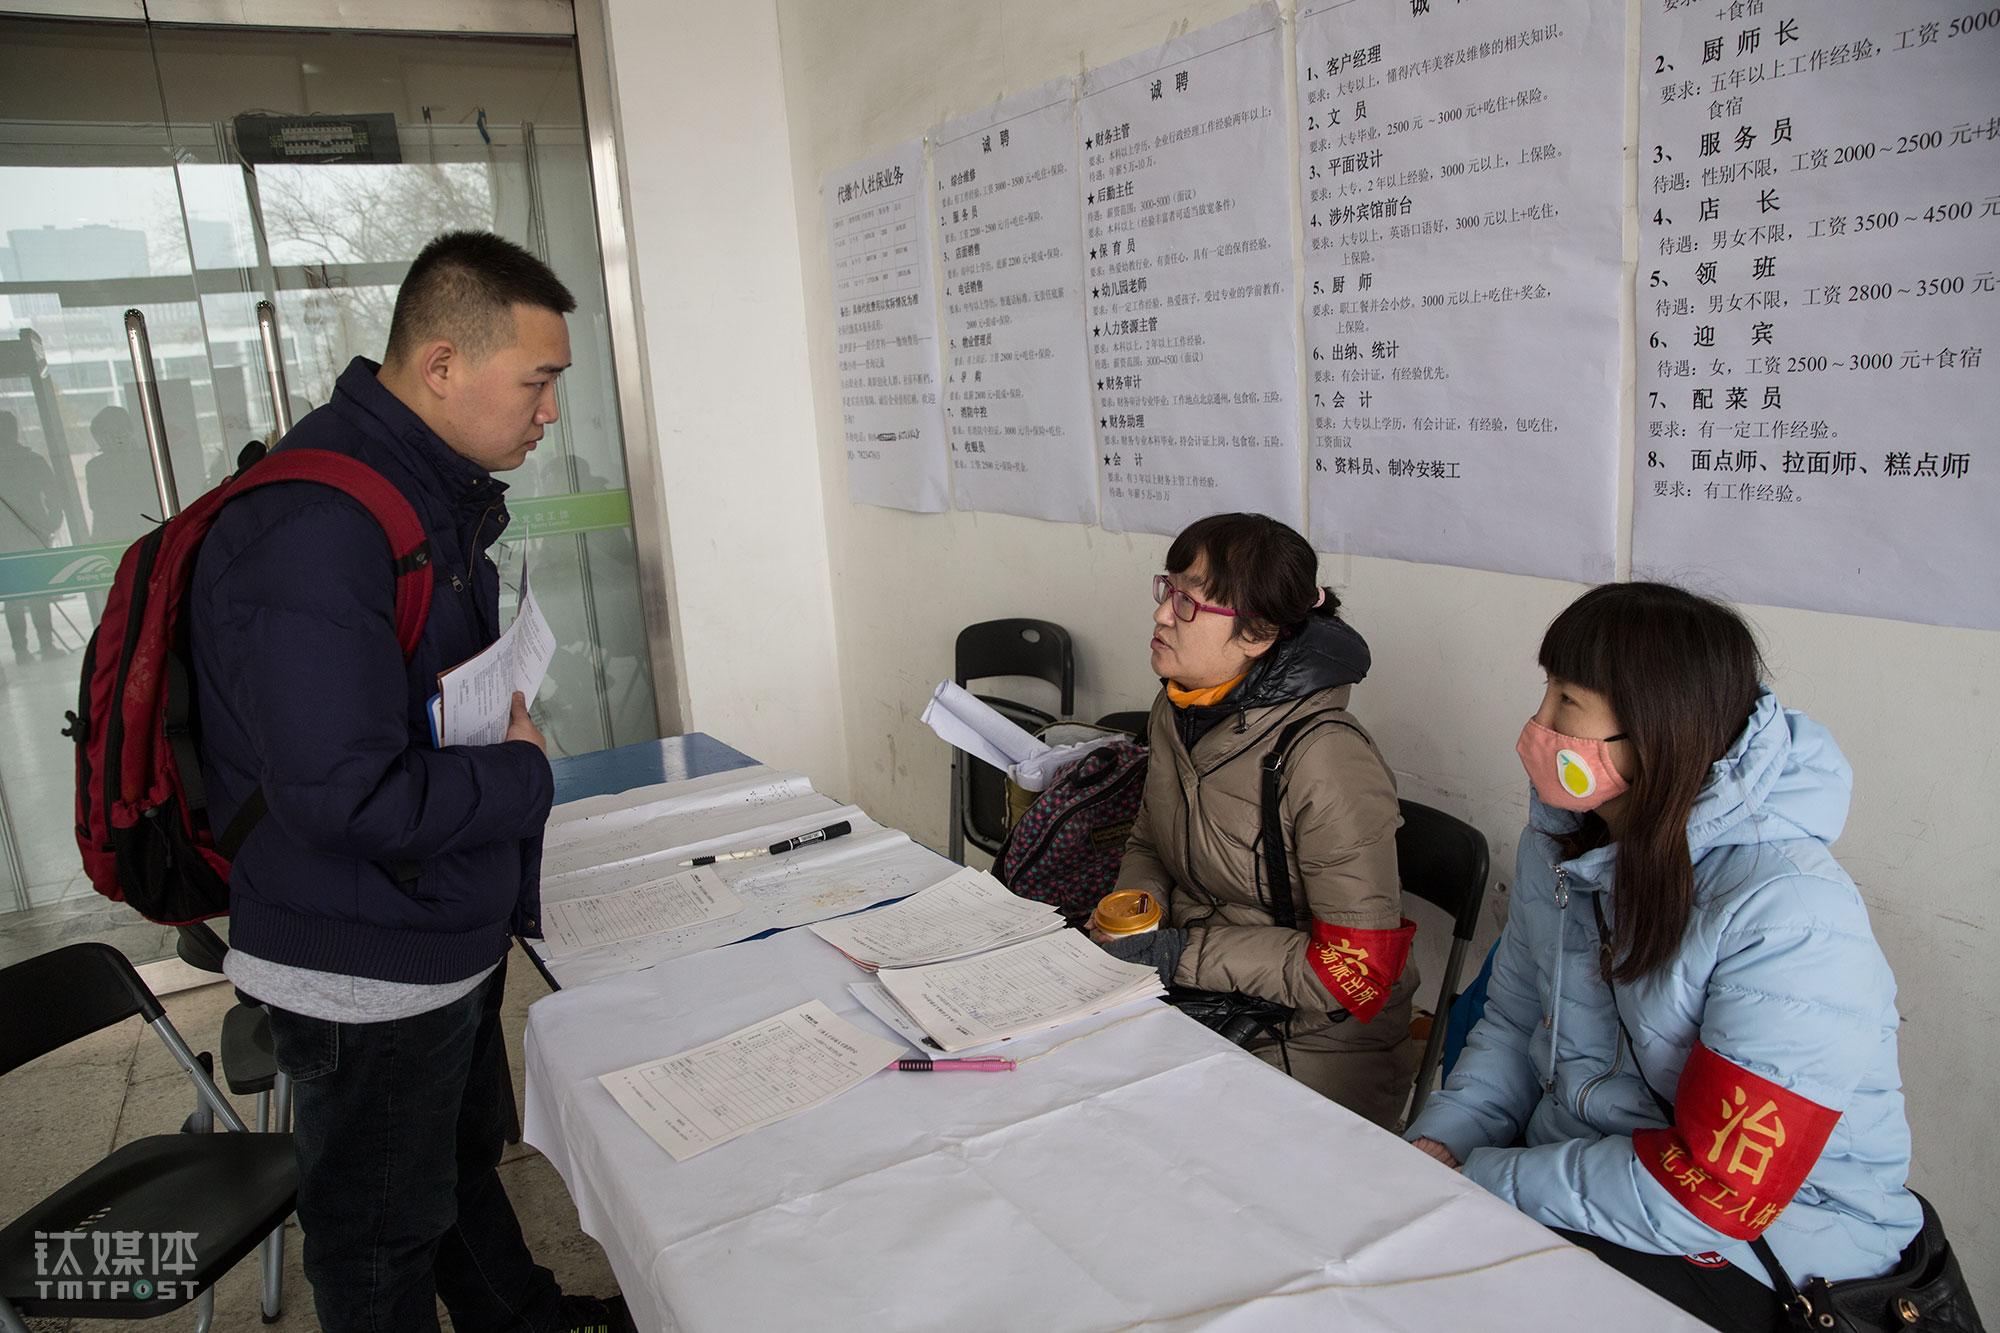 3月4日,北京工体,23岁的小徐在招聘会上咨询工作机会。他大专毕业,有两年工作经验,是一名PHP开发工程师。他的上一份工作是在一家无人货架公司做开发,2017年年底公司开发团队解散,小徐失去了工作回了老家。春节假期刚过,他就返回北京开始找工作。